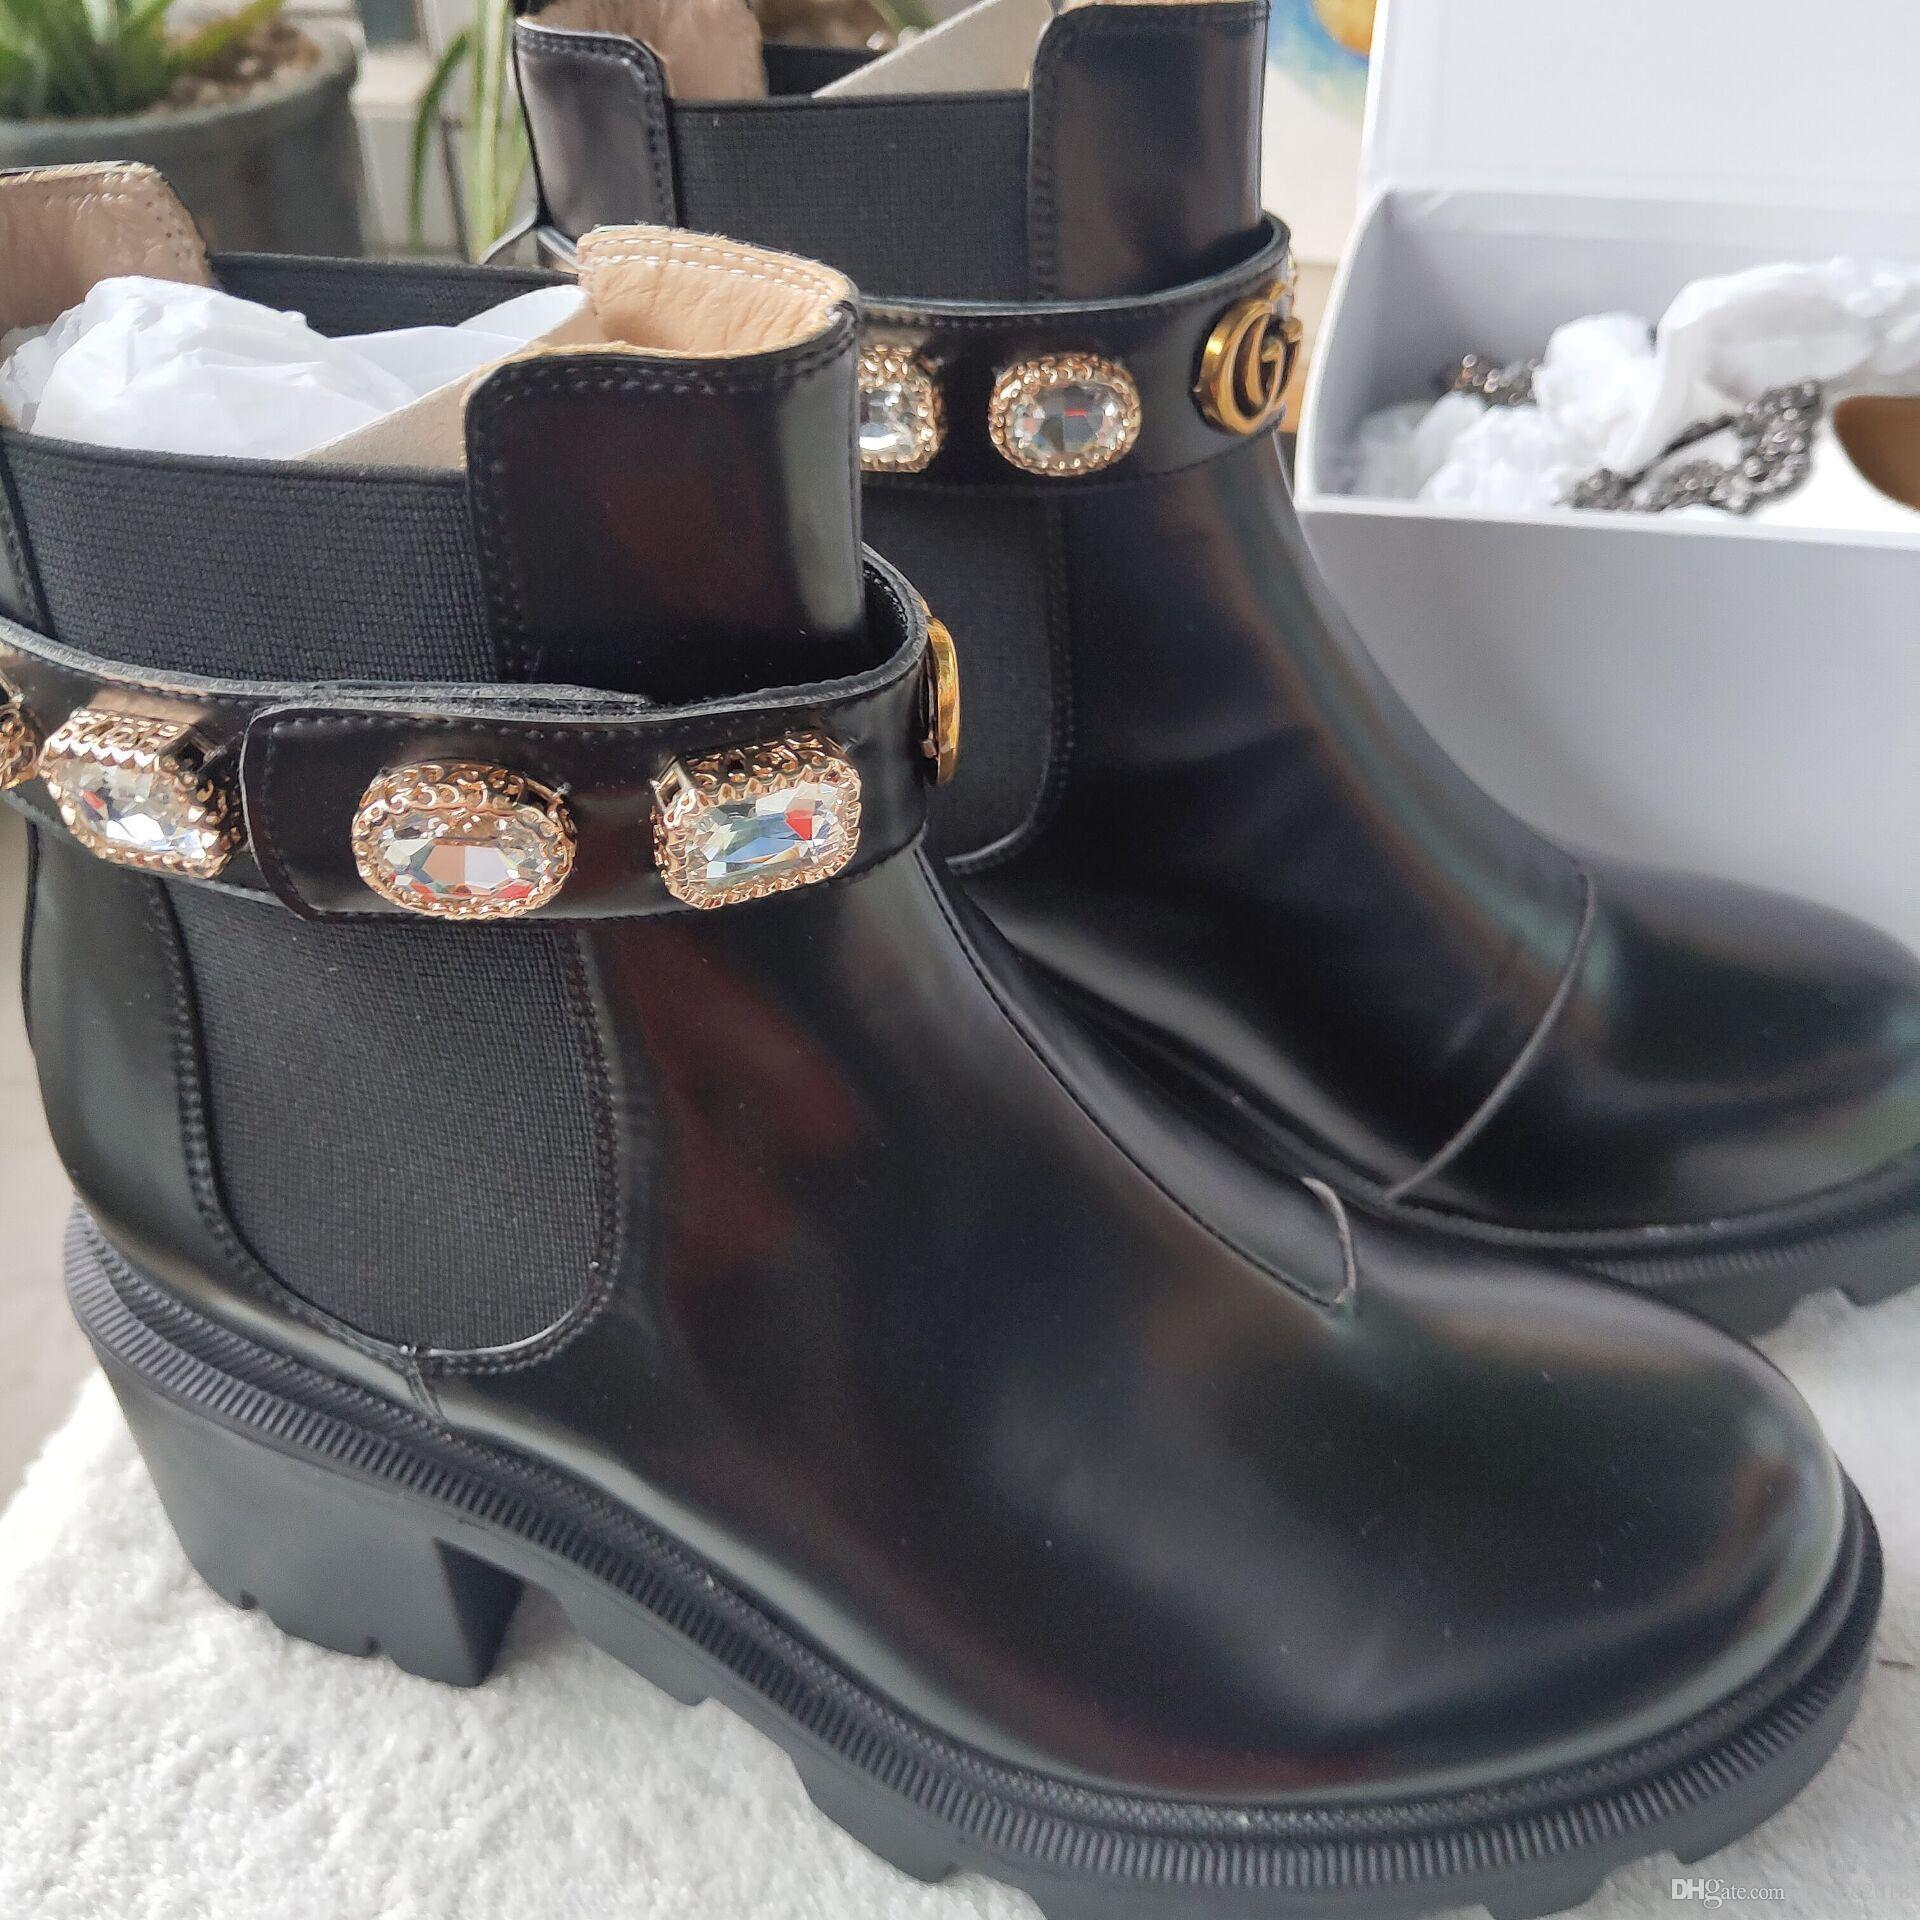 클래식 유럽 스타일의 로마 신발, Ladies'Shoes, 마틴 부츠, 오토바이 부츠, 섹시 부츠 크리스탈 장식 낮은 굽의 고무 밑면